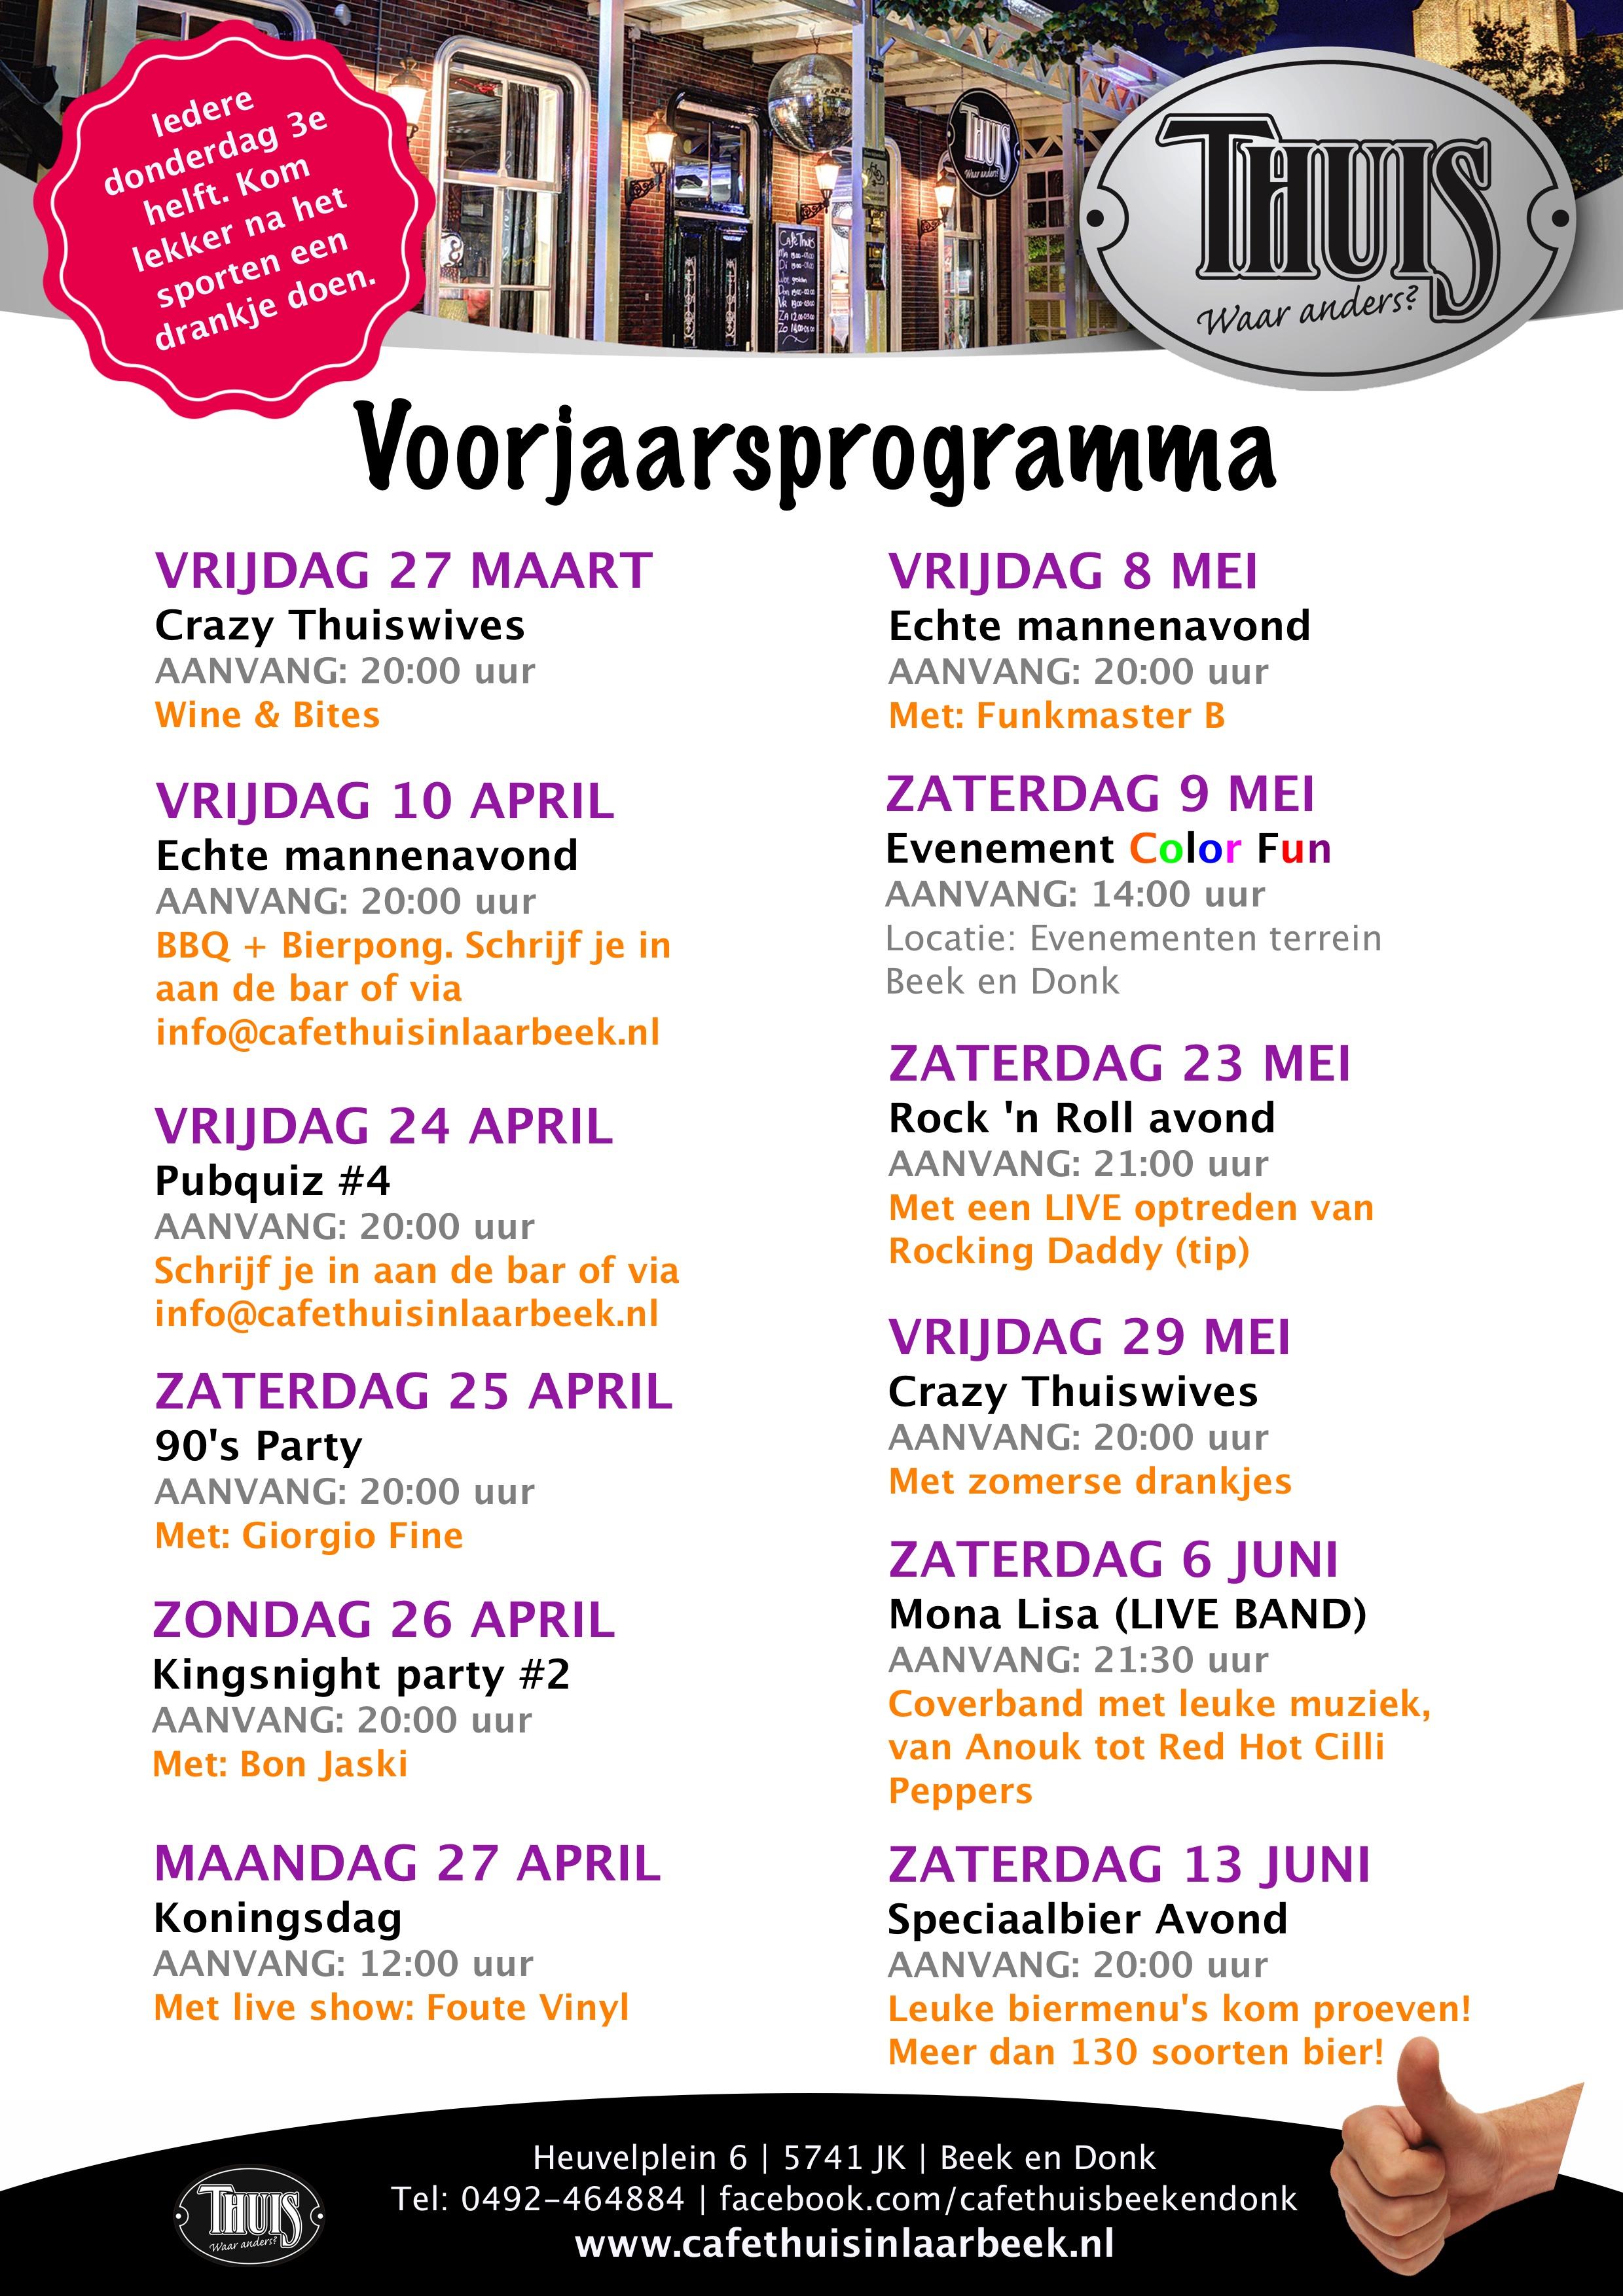 Voorjaarsprogramma 31 maart